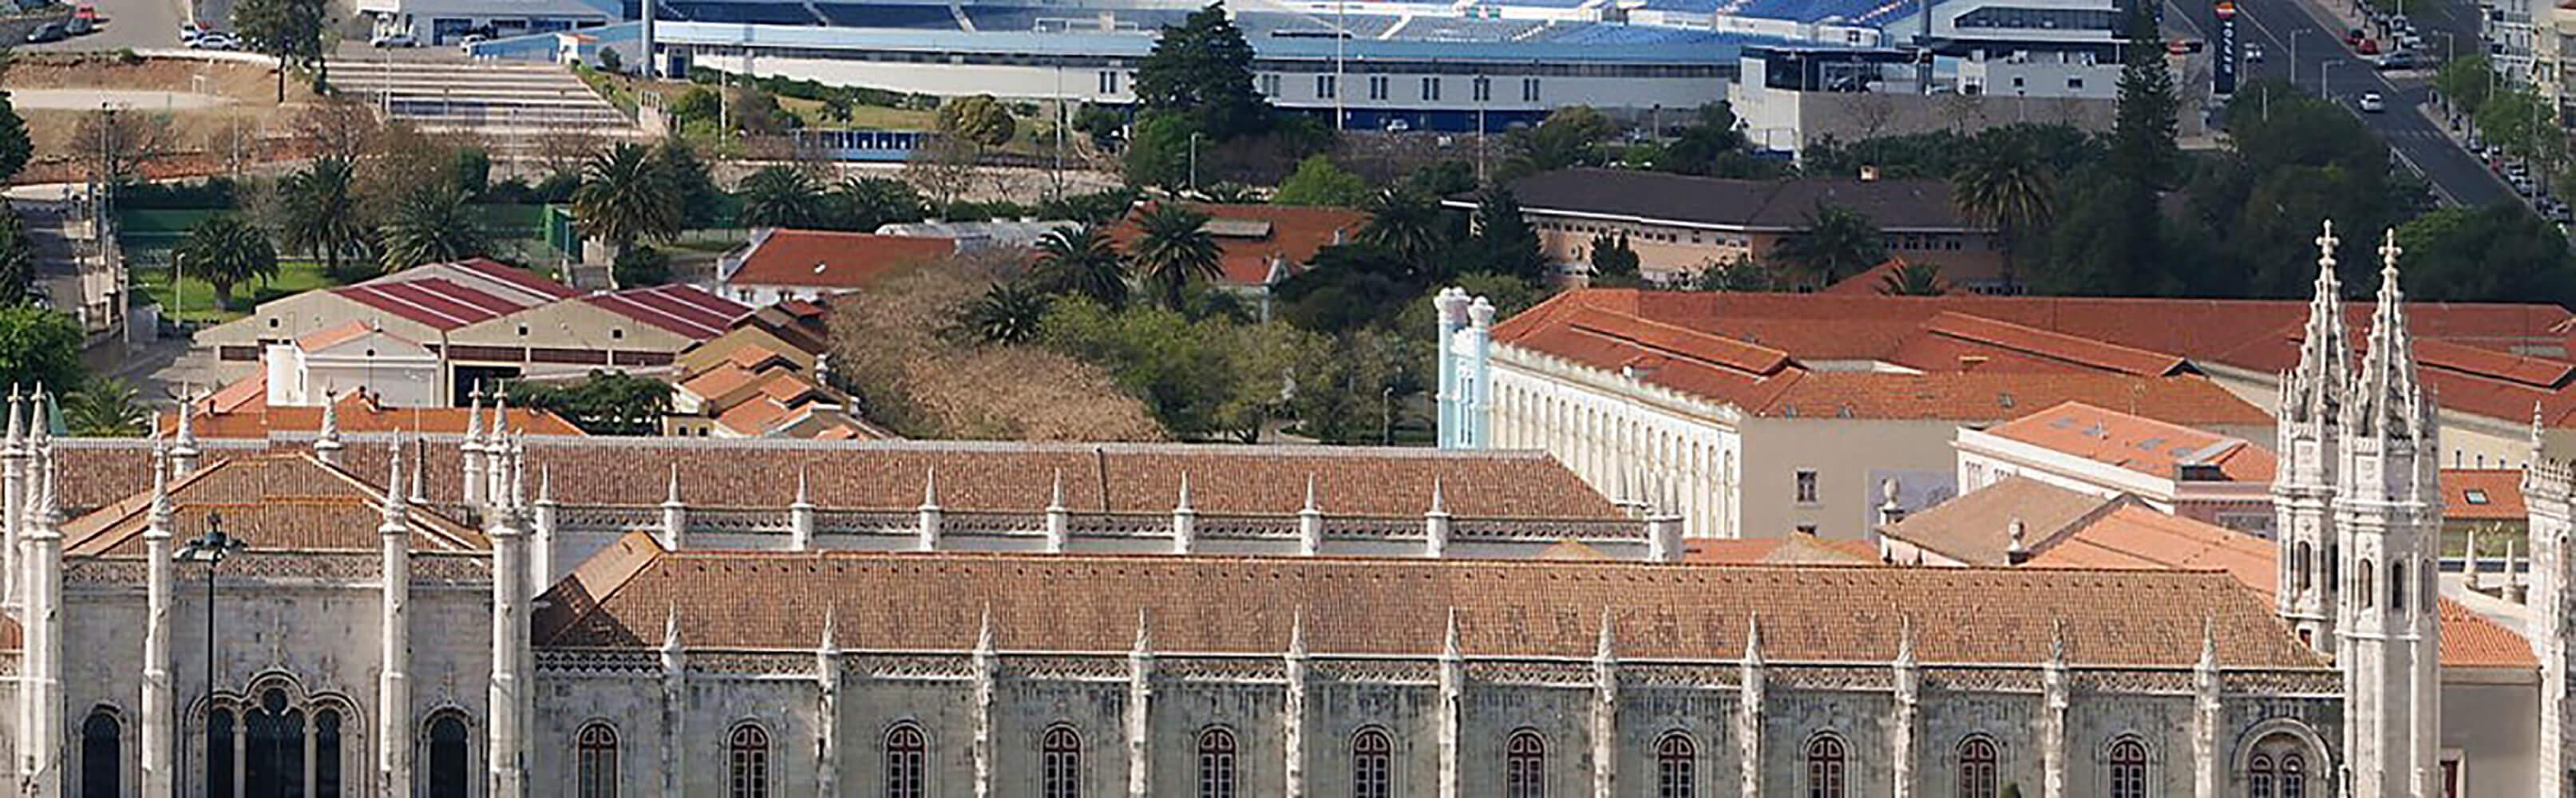 Mosteiro dos Jerónimos 1